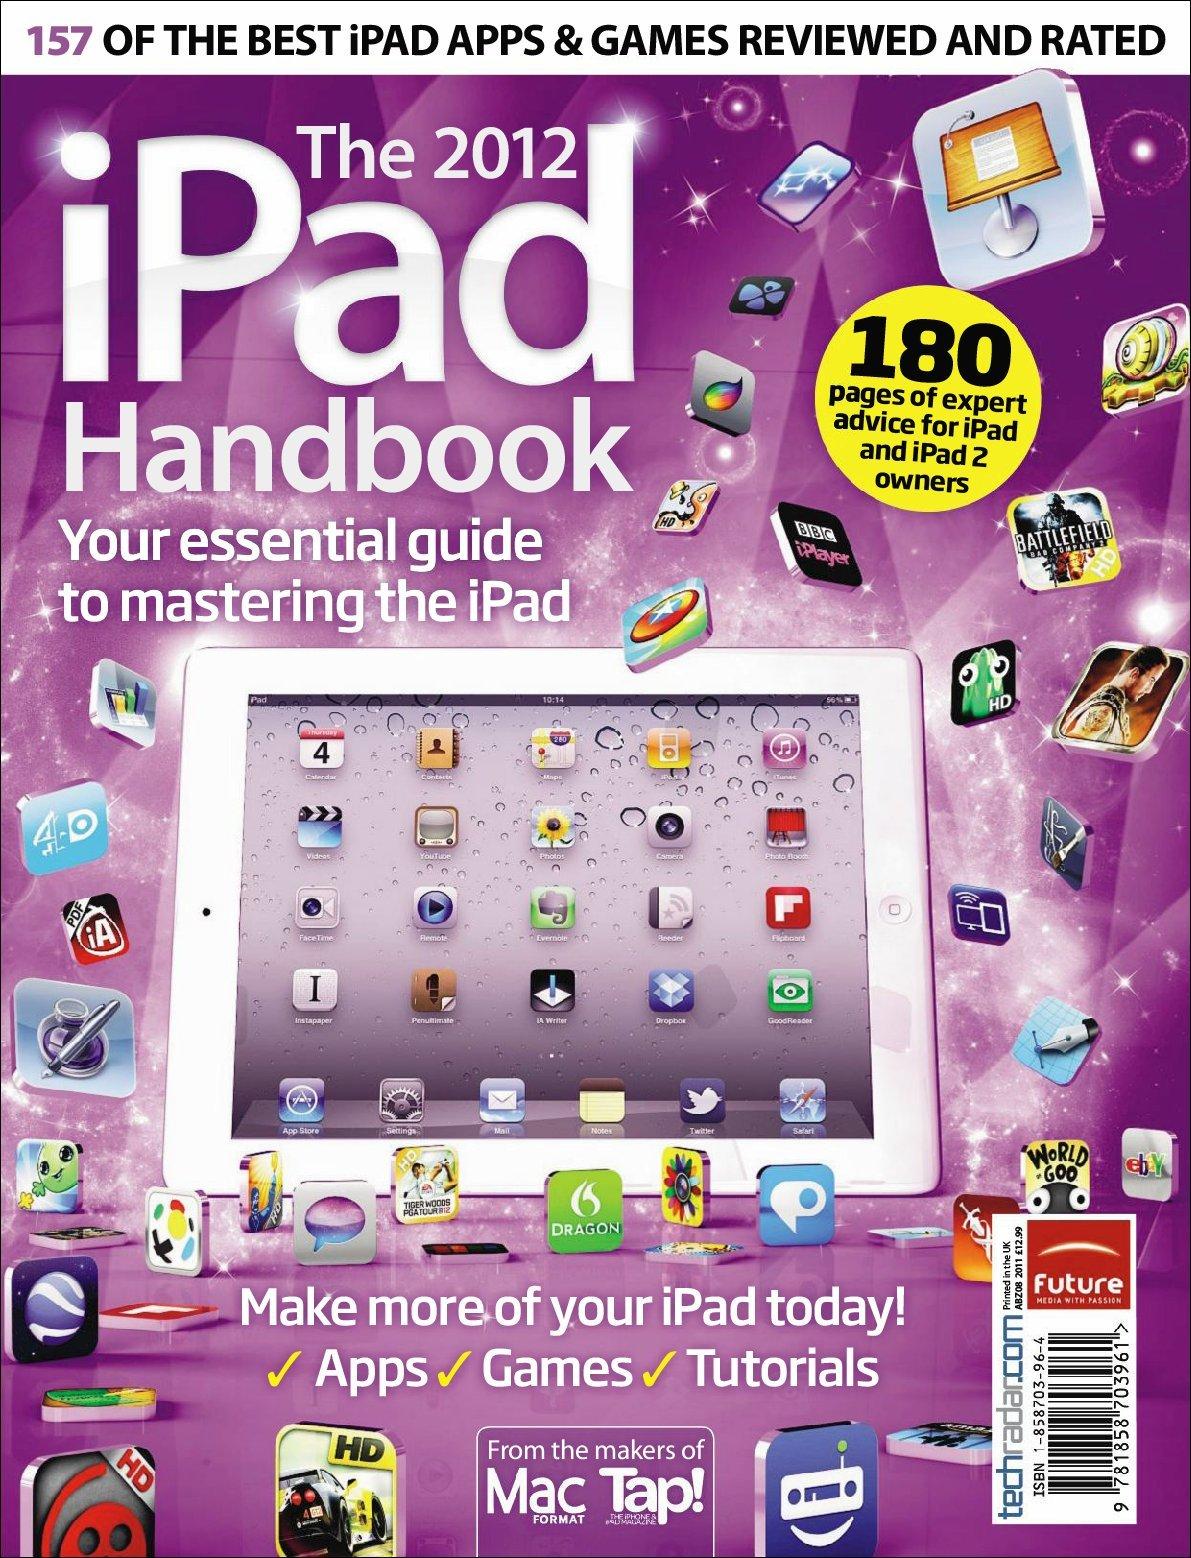 The 2012 iPad Handbook Digital